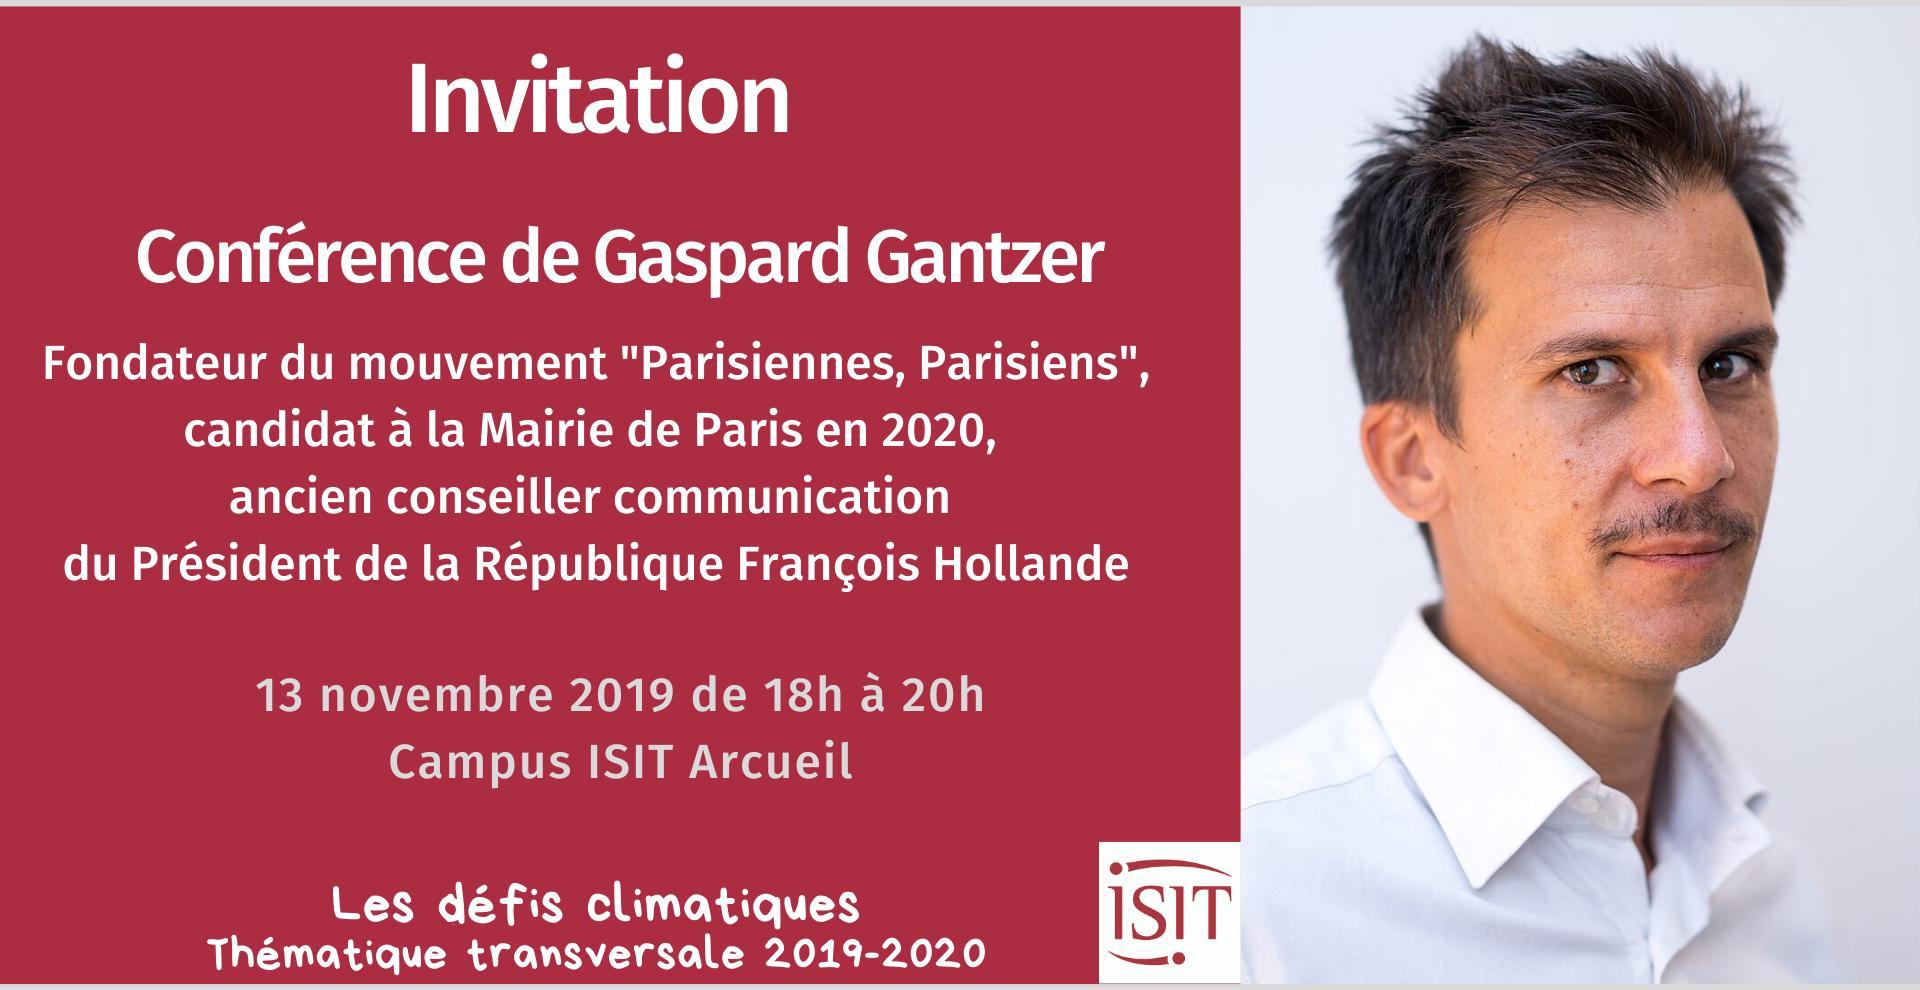 L'ISIT s'engage : conférence climat le 13 novembre